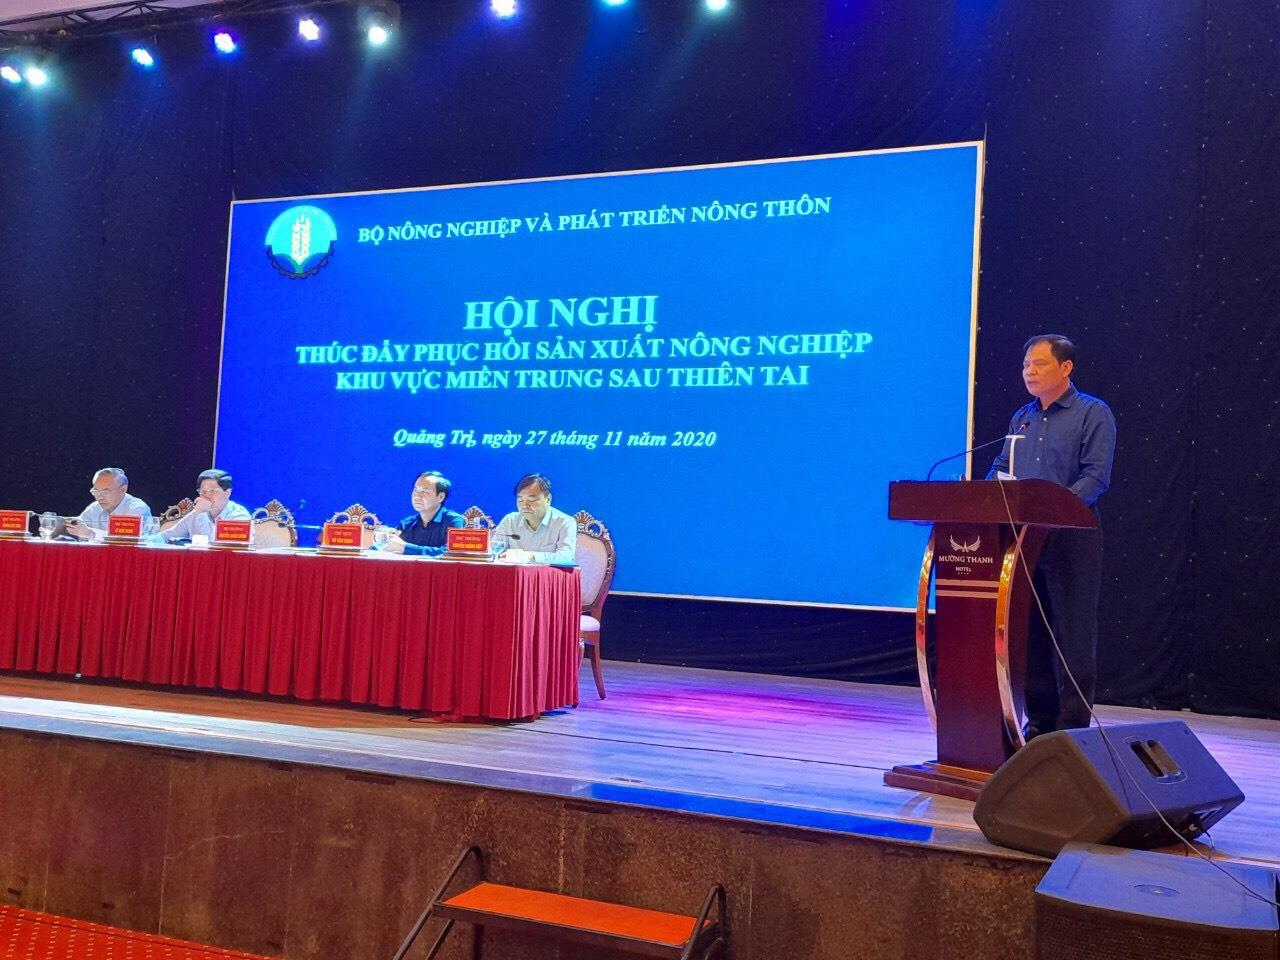 Thúc đẩy phục hồi sản xuất nông nghiệp khu vực miền Trung sau thiên tai